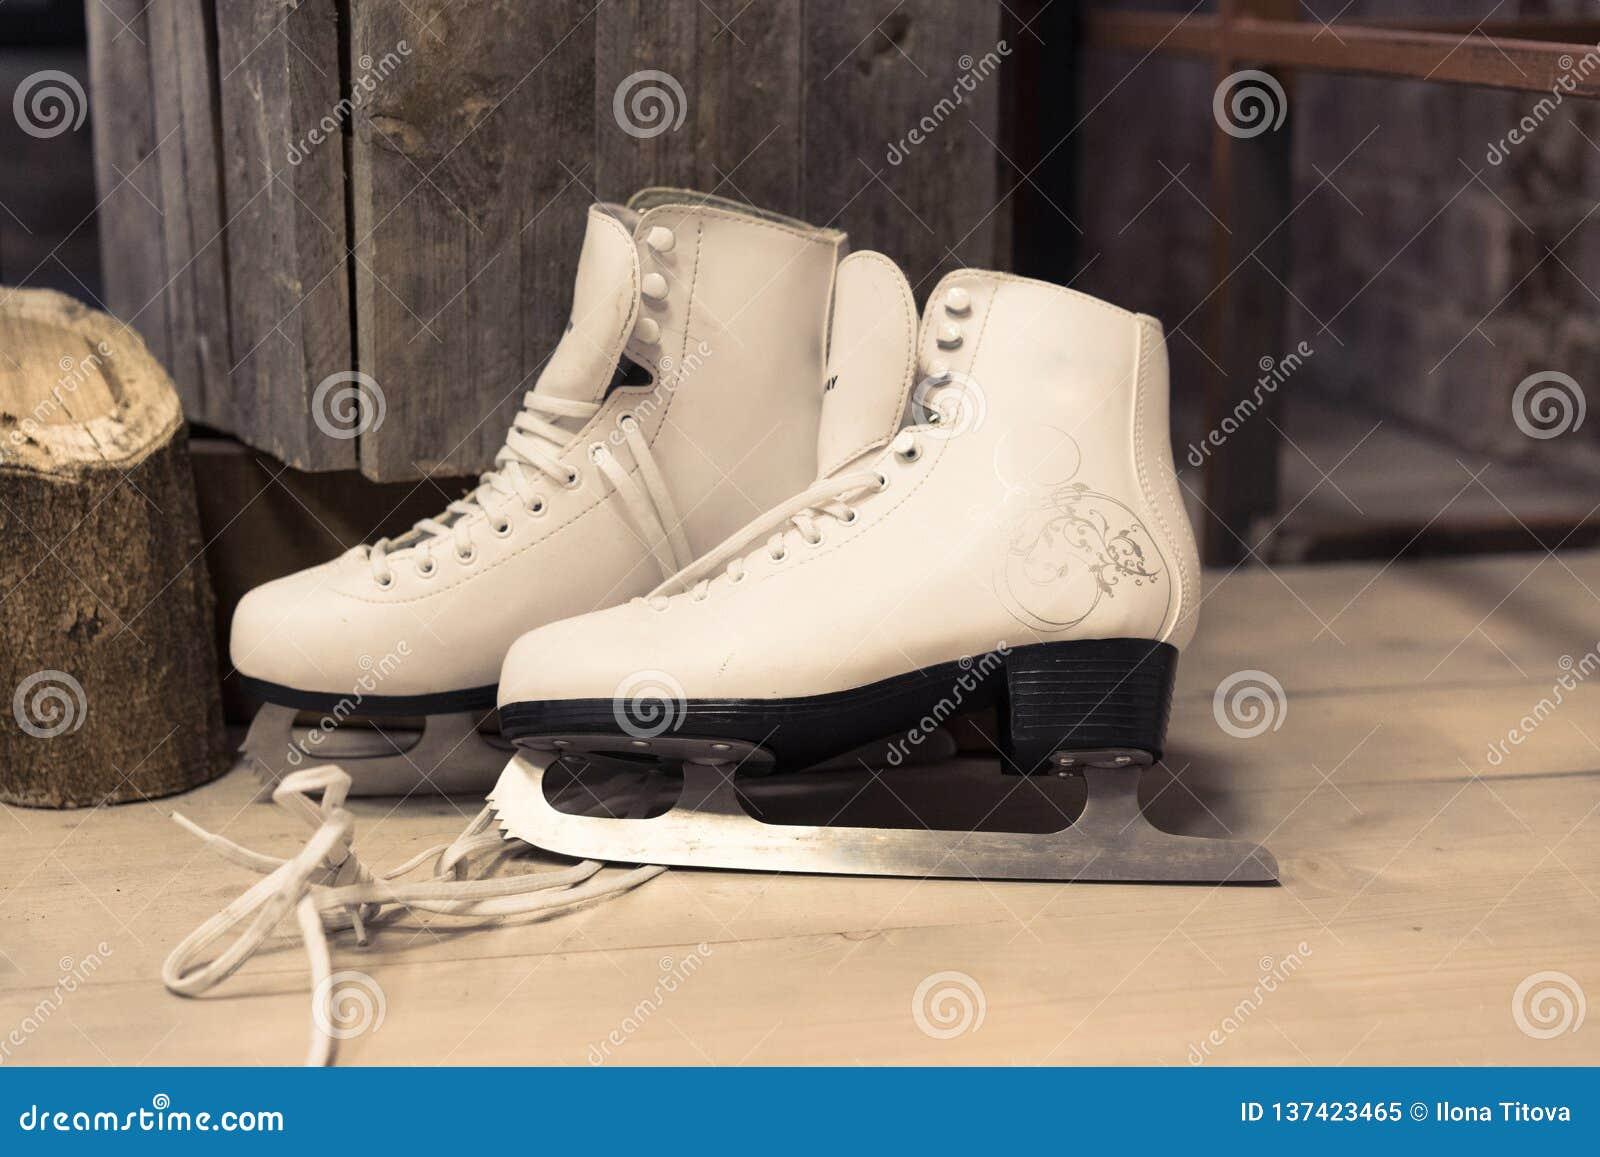 Women`s white skates are on the floor. feminine. to skate. winter sport